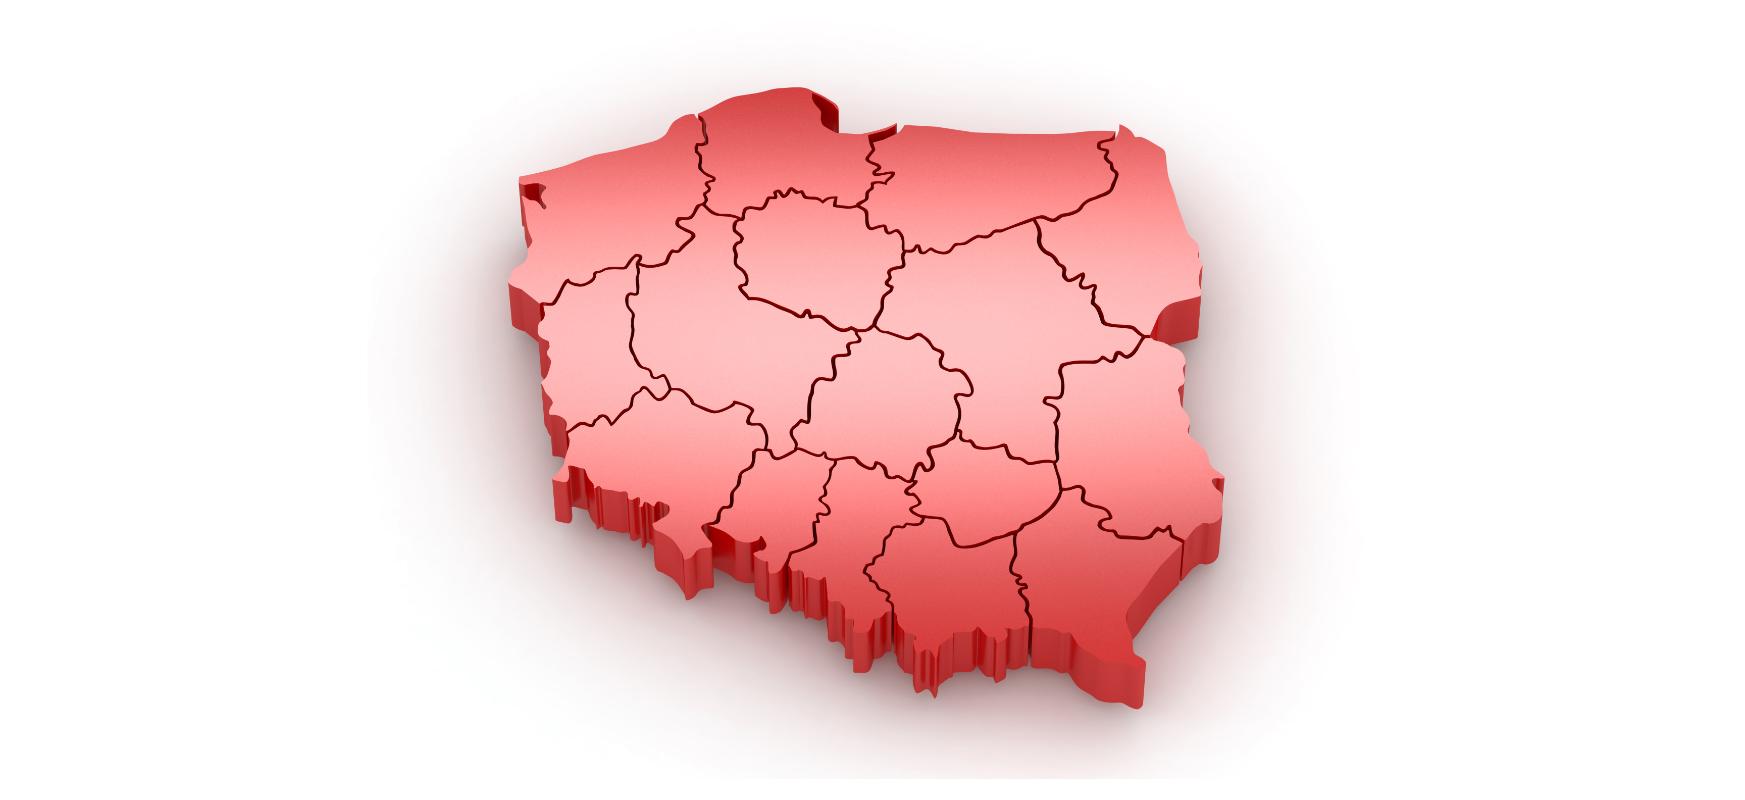 Coronavirus: Poloniako mapa.  Zuzeneko eguneratutako mapa eta estatistikak